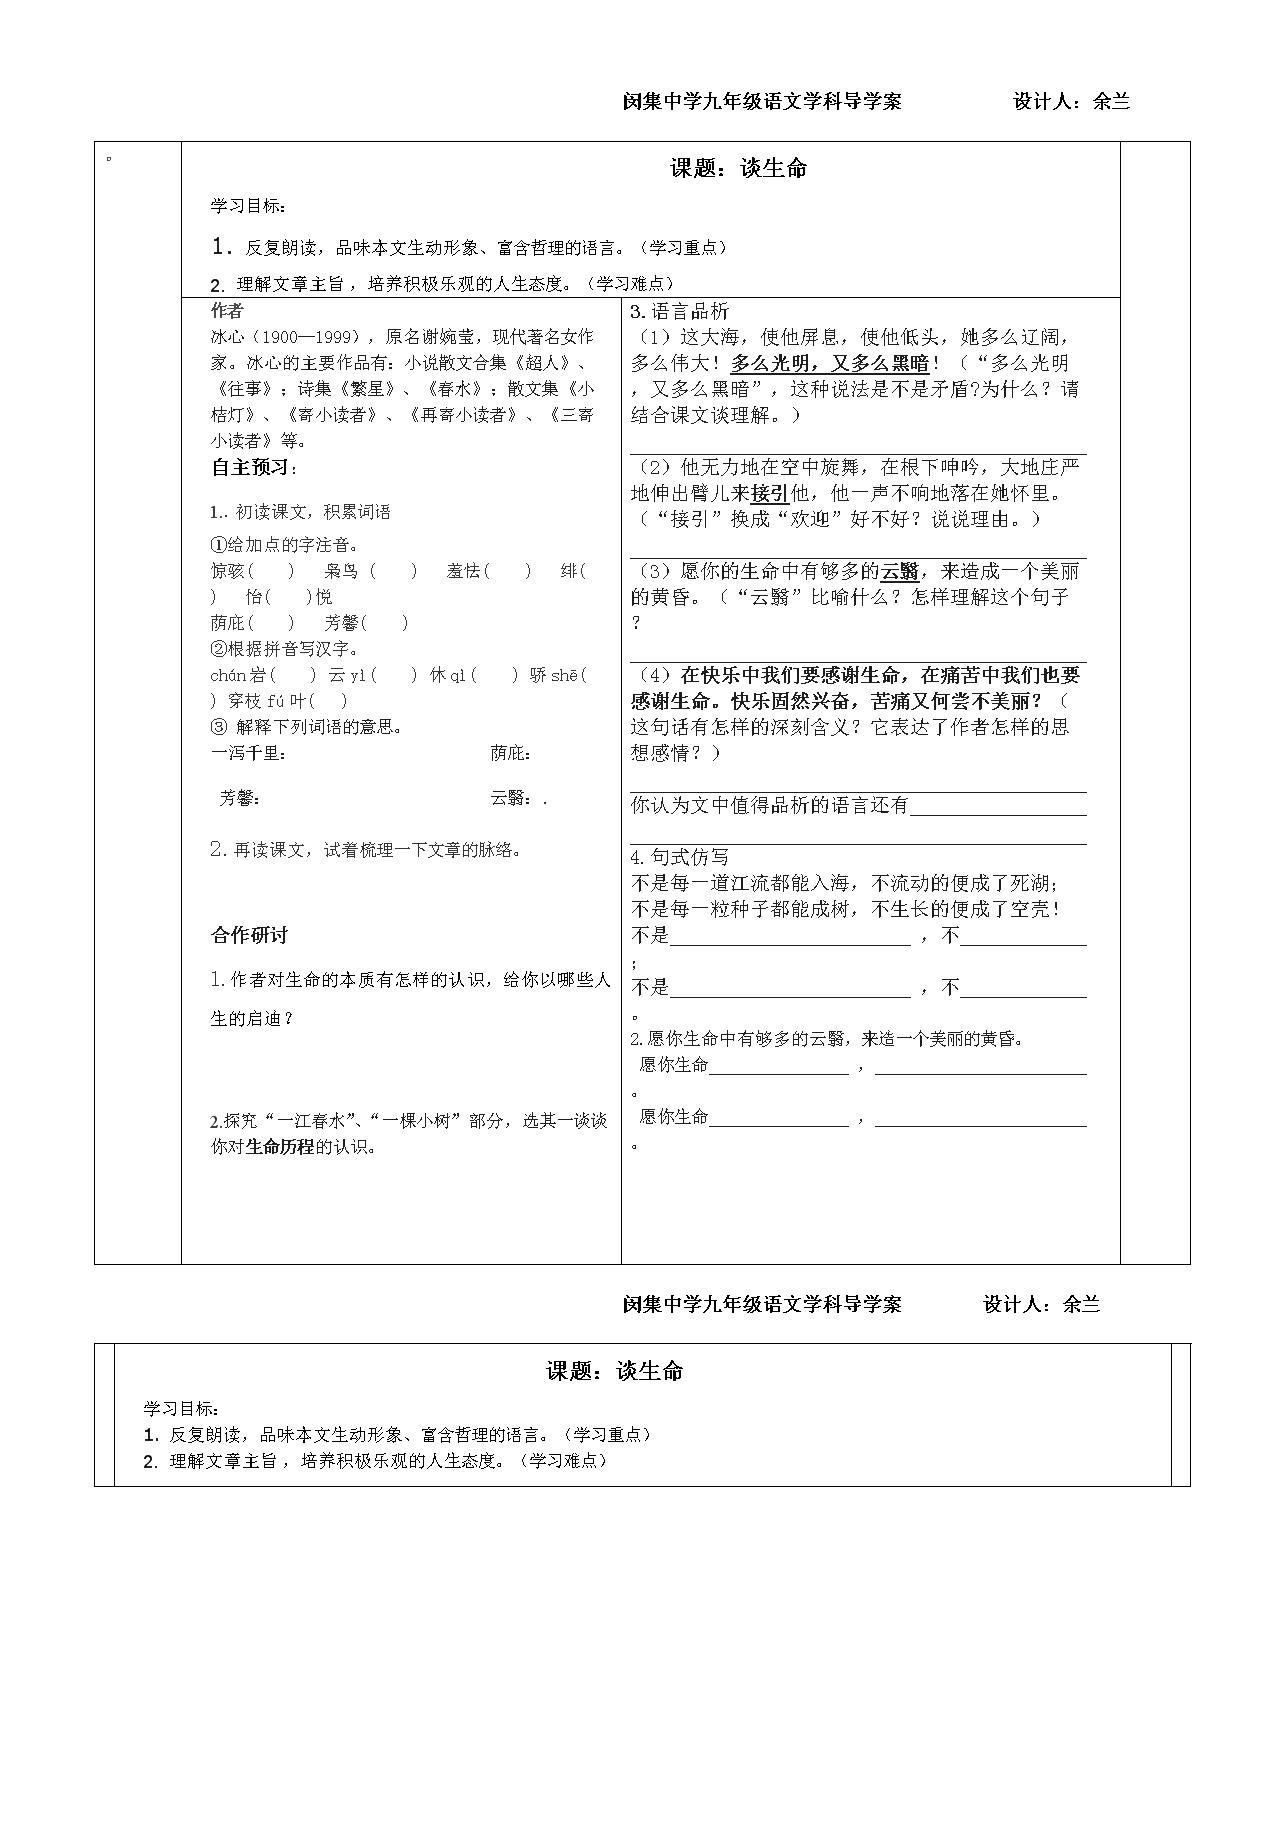 高中语文教案模板.doc